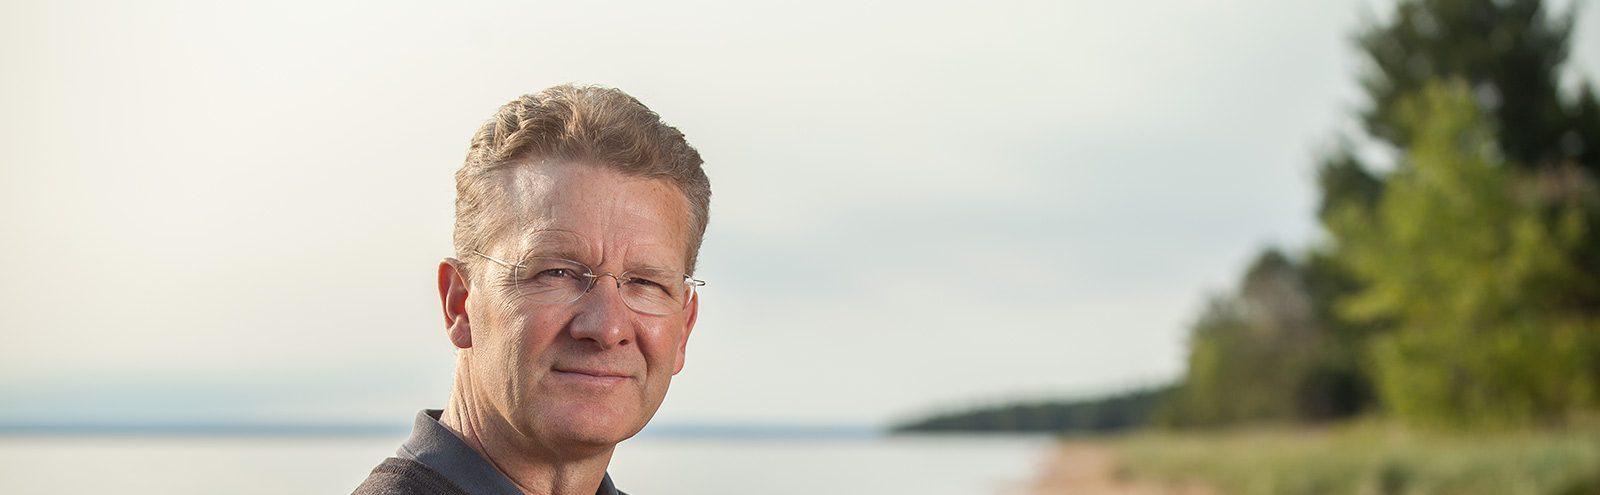 Peter Annin at beach